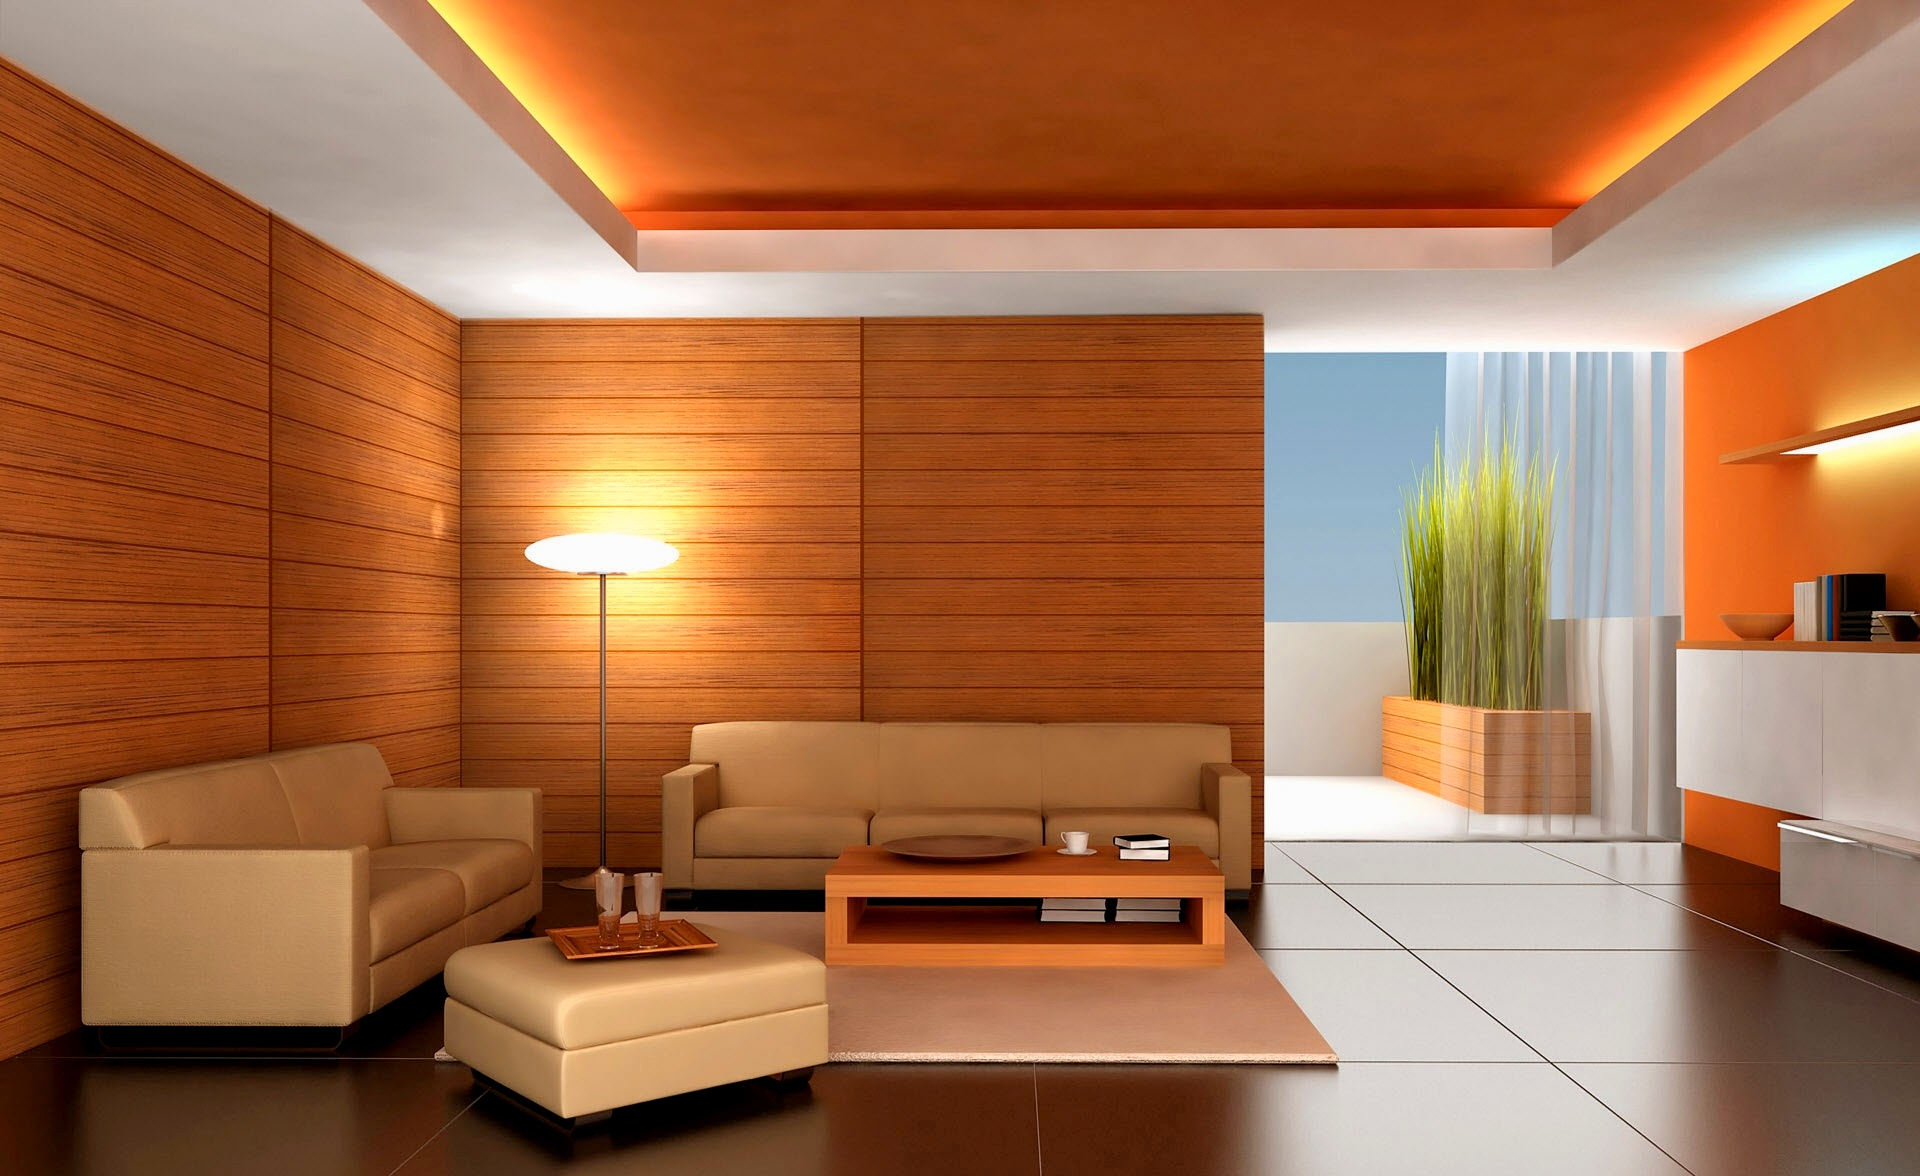 Thiết kế nội thất chung cư keangnam đẹp và sang trọng